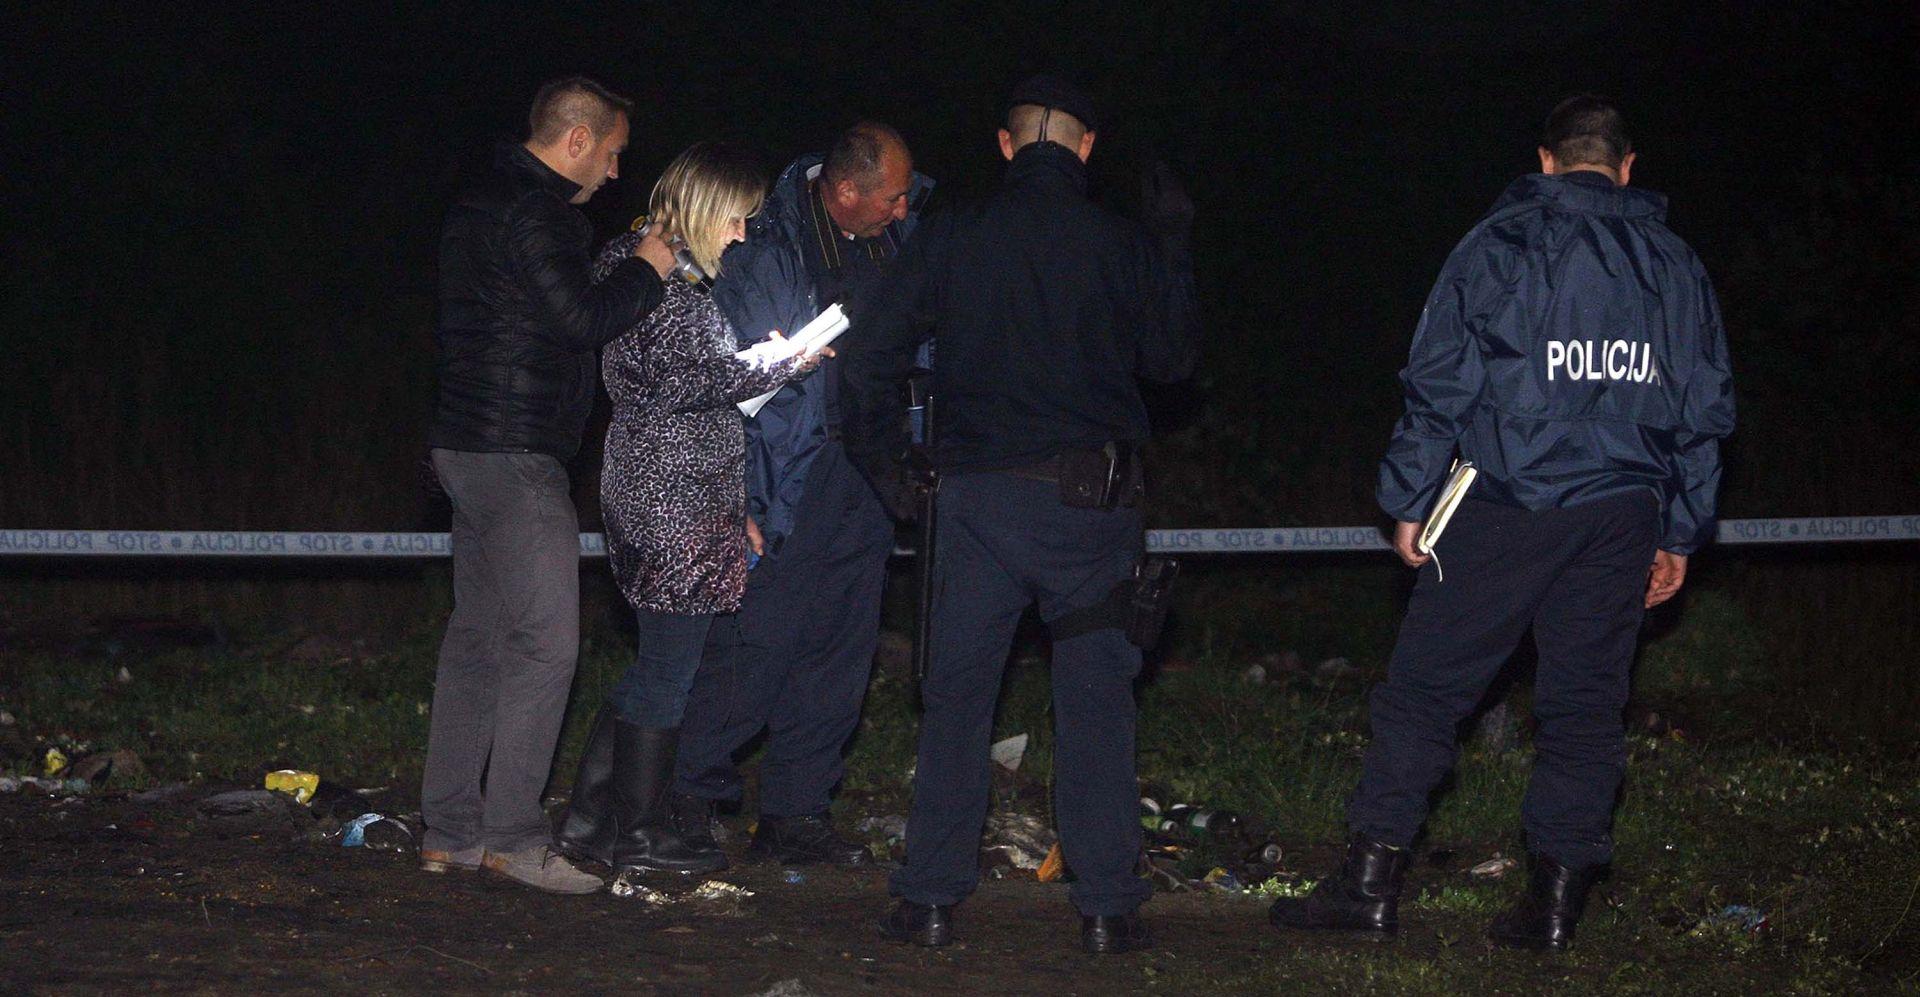 POLICIJA POTVRDILA Djeca se utopila kada su u igri bez nadzora upala u nezaštićenu jamu